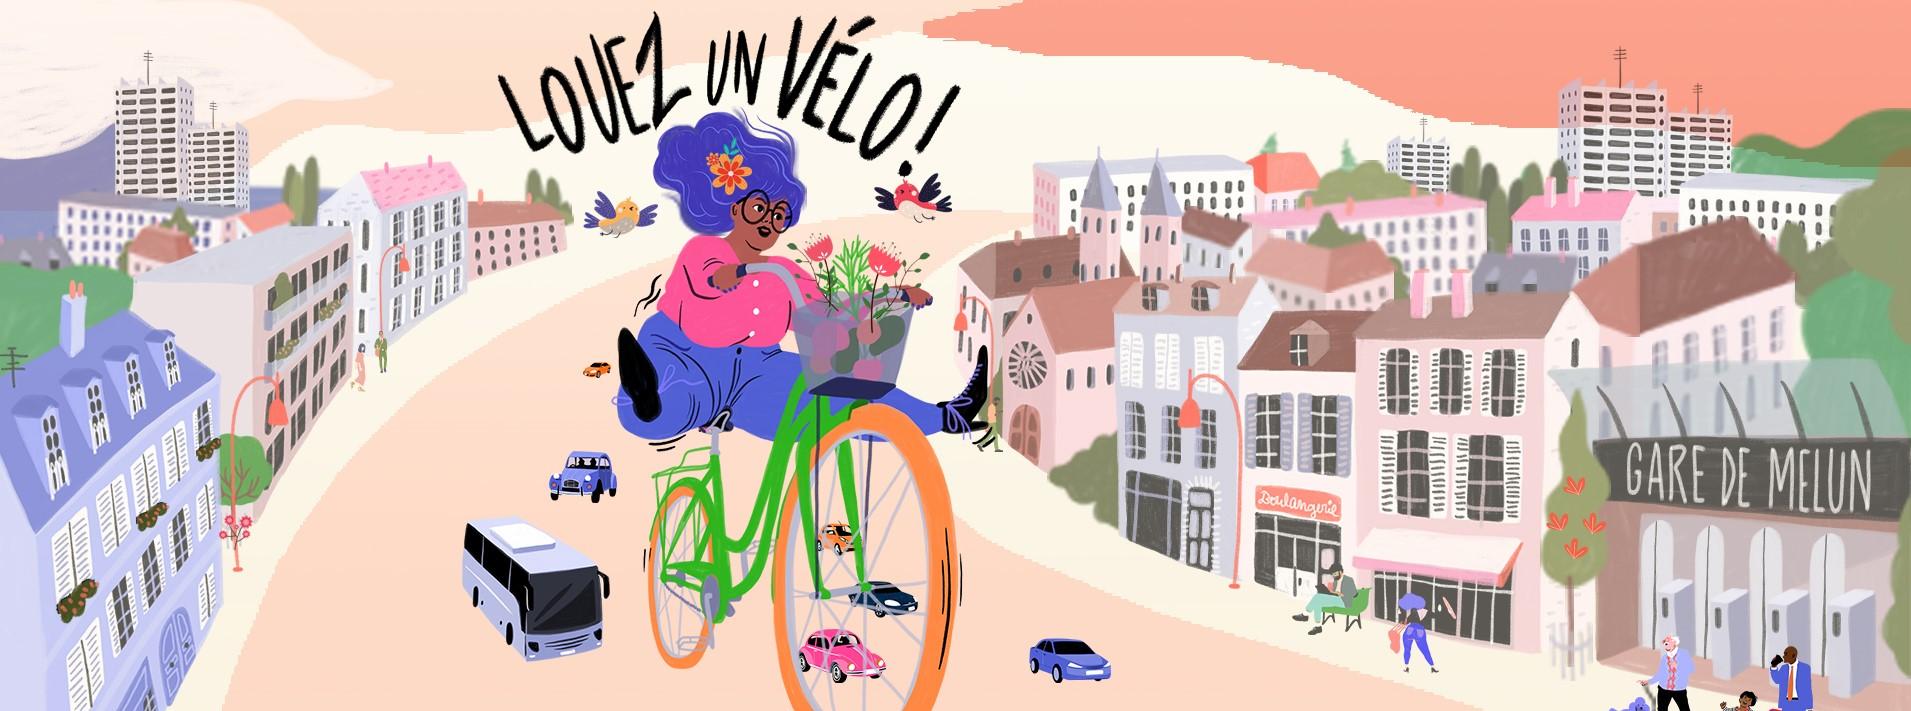 Louez votre vélo avec Melivélo